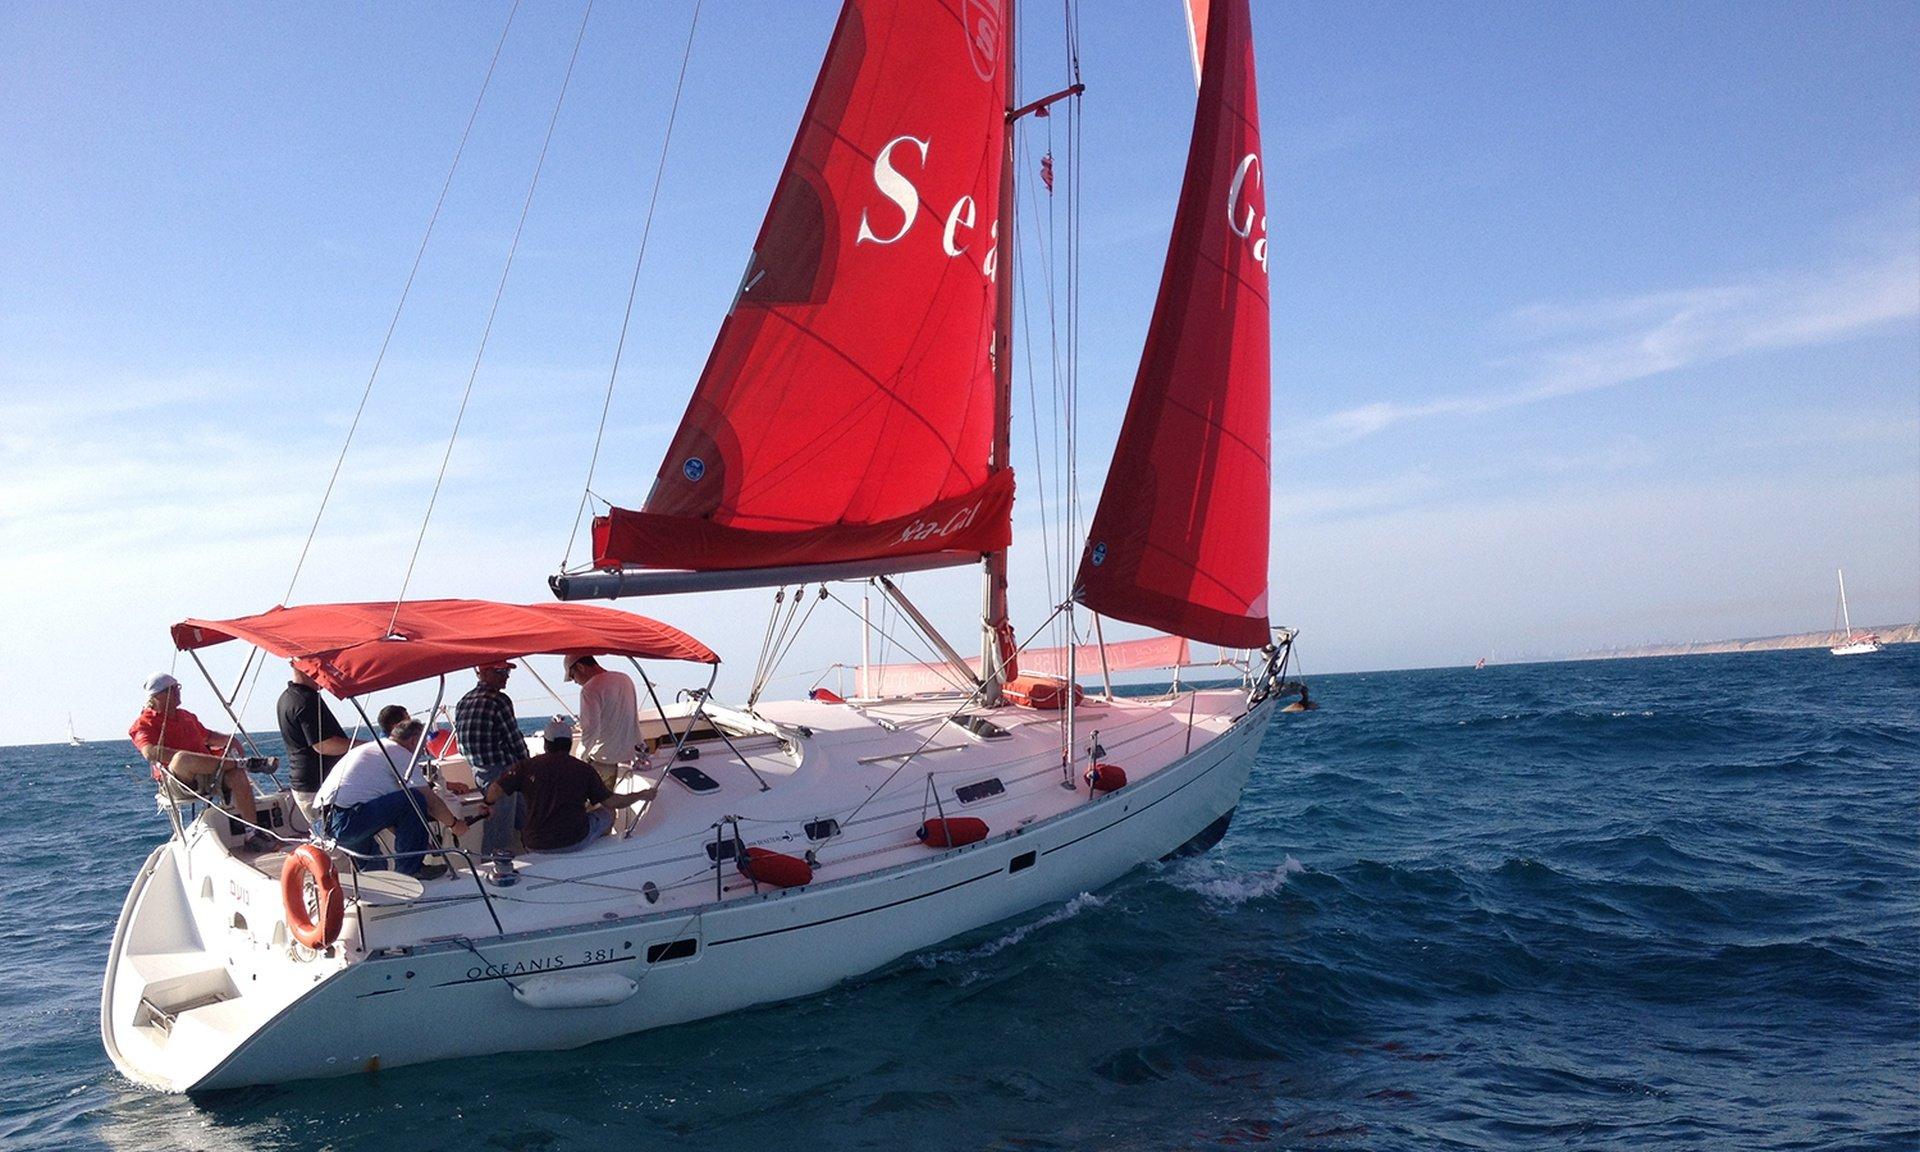 Tel Aviv corporate event venues Boat Sea Gal - Private Sailboat image 0